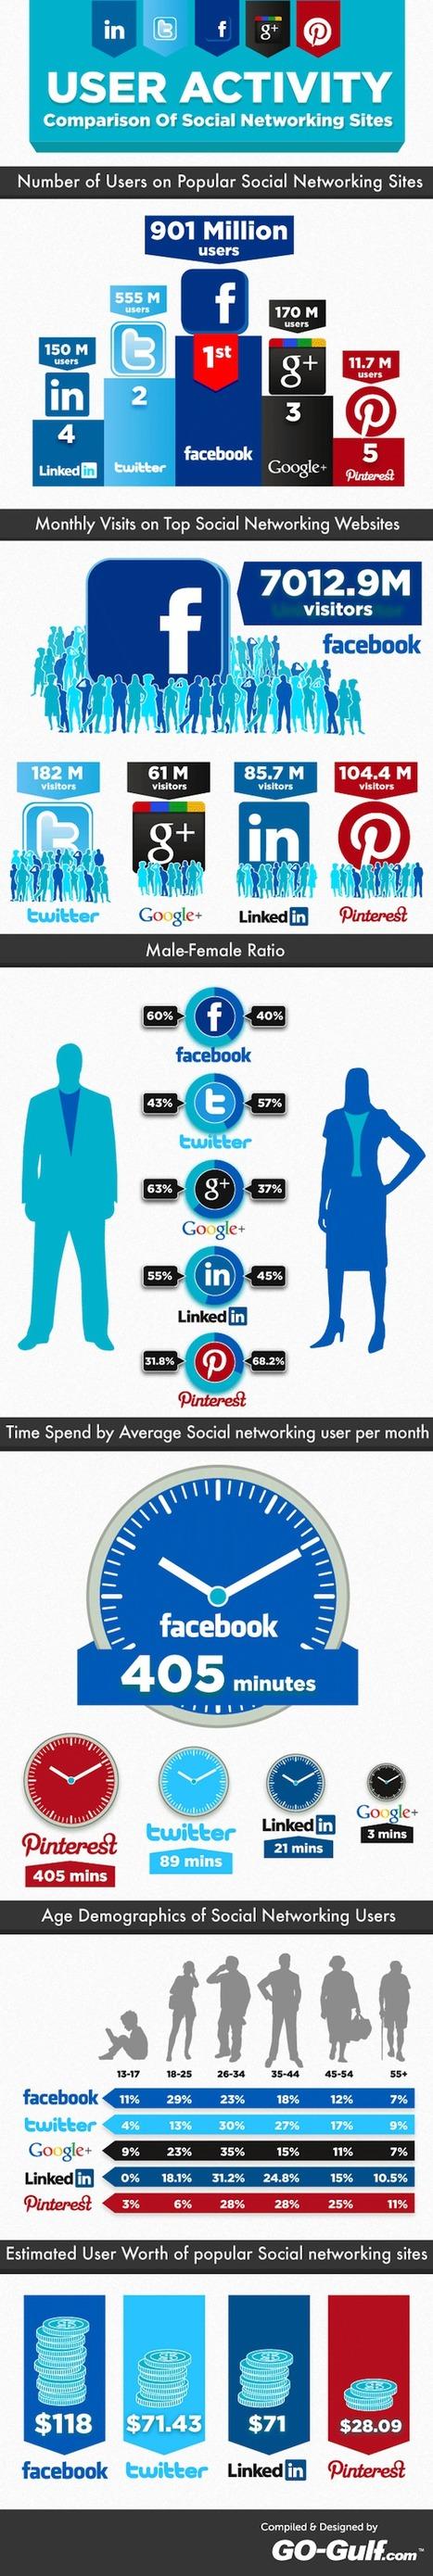 Une infographie qui présente les derniers chiffres clés des médias sociaux | Quand la communication passe au web | Scoop.it